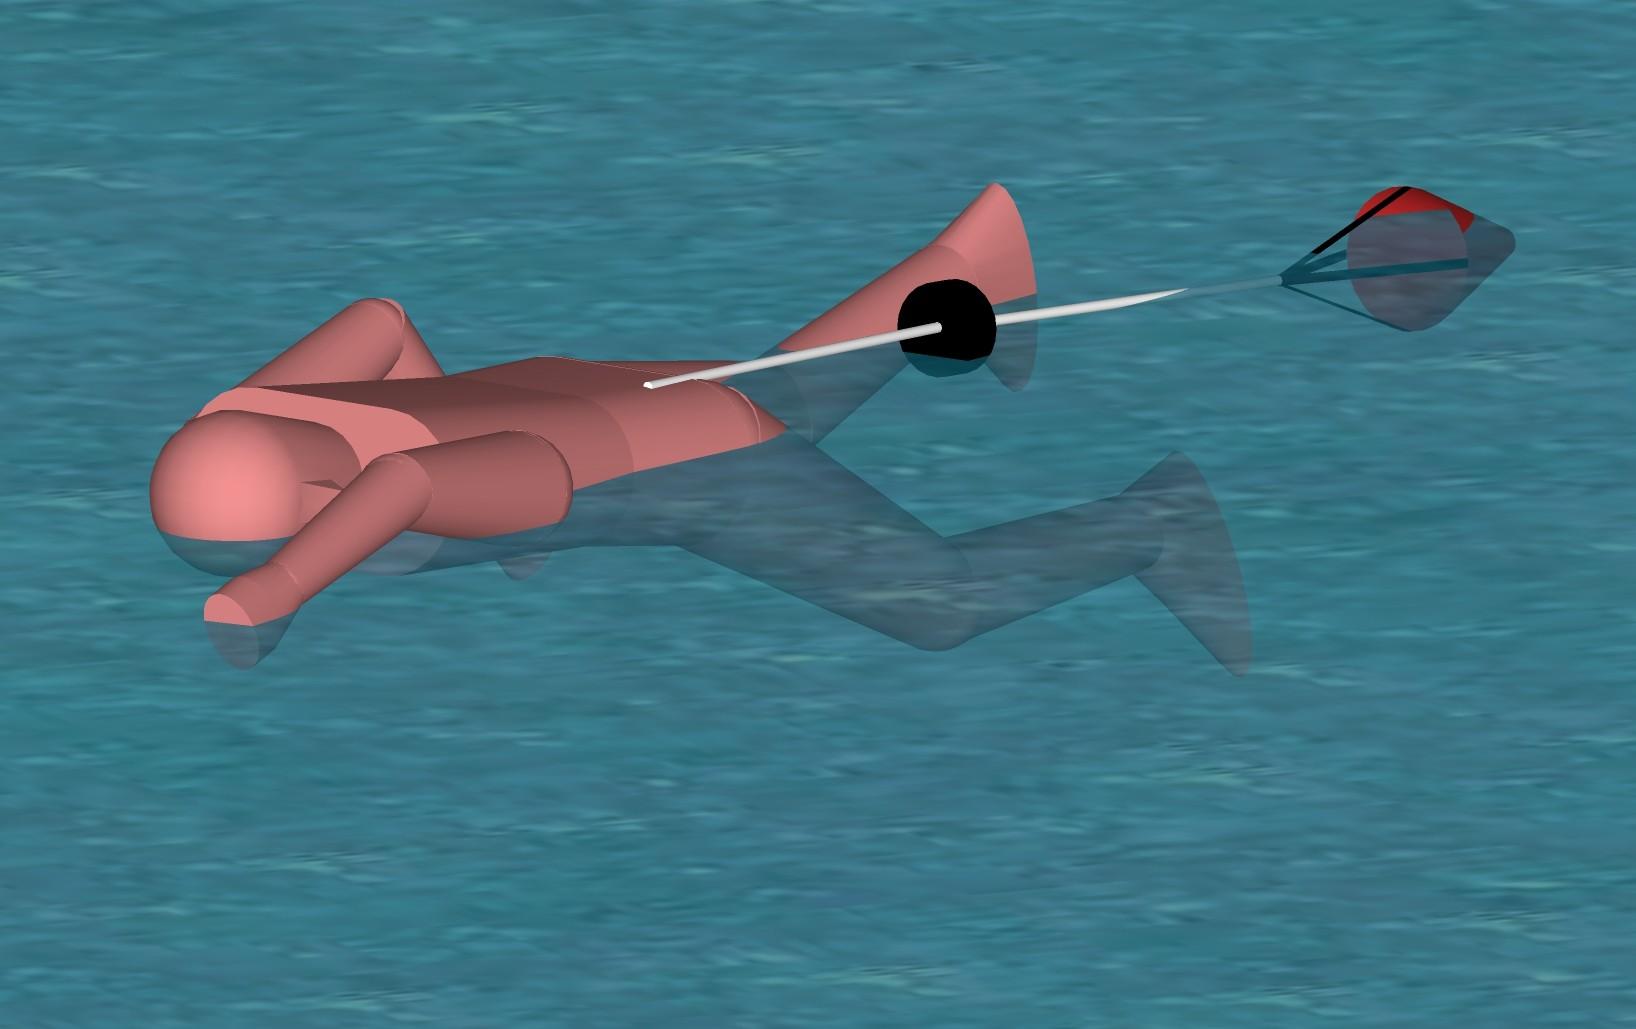 nadador em piscina com paraquedas de natação